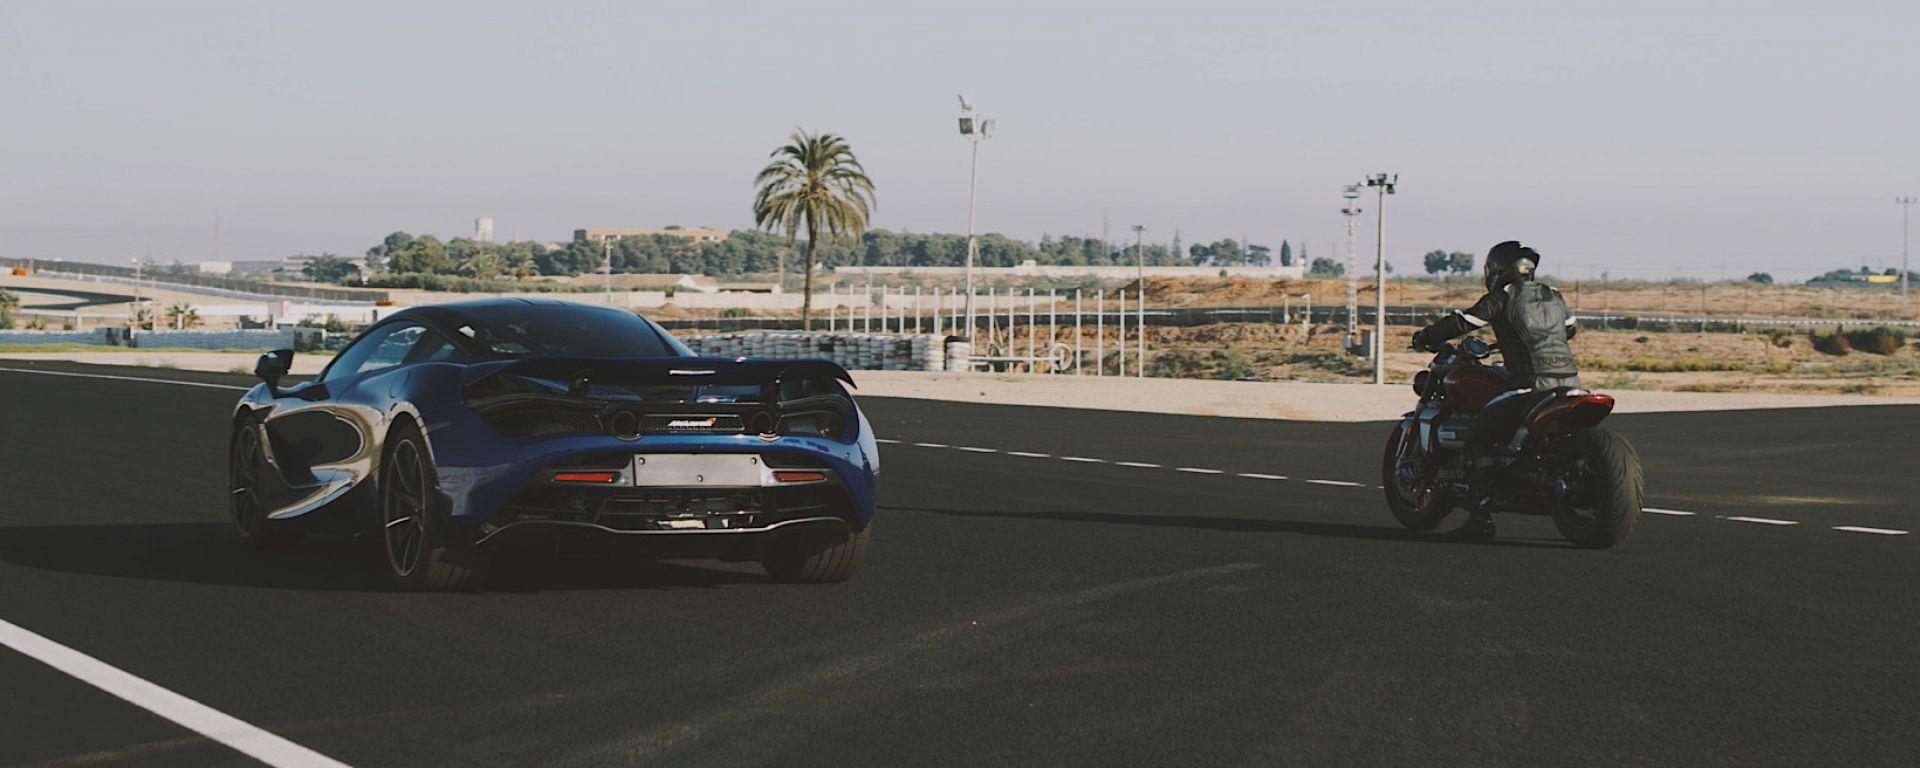 Triumph Rocket 3 R 2020 in piega in pista a Cartagena